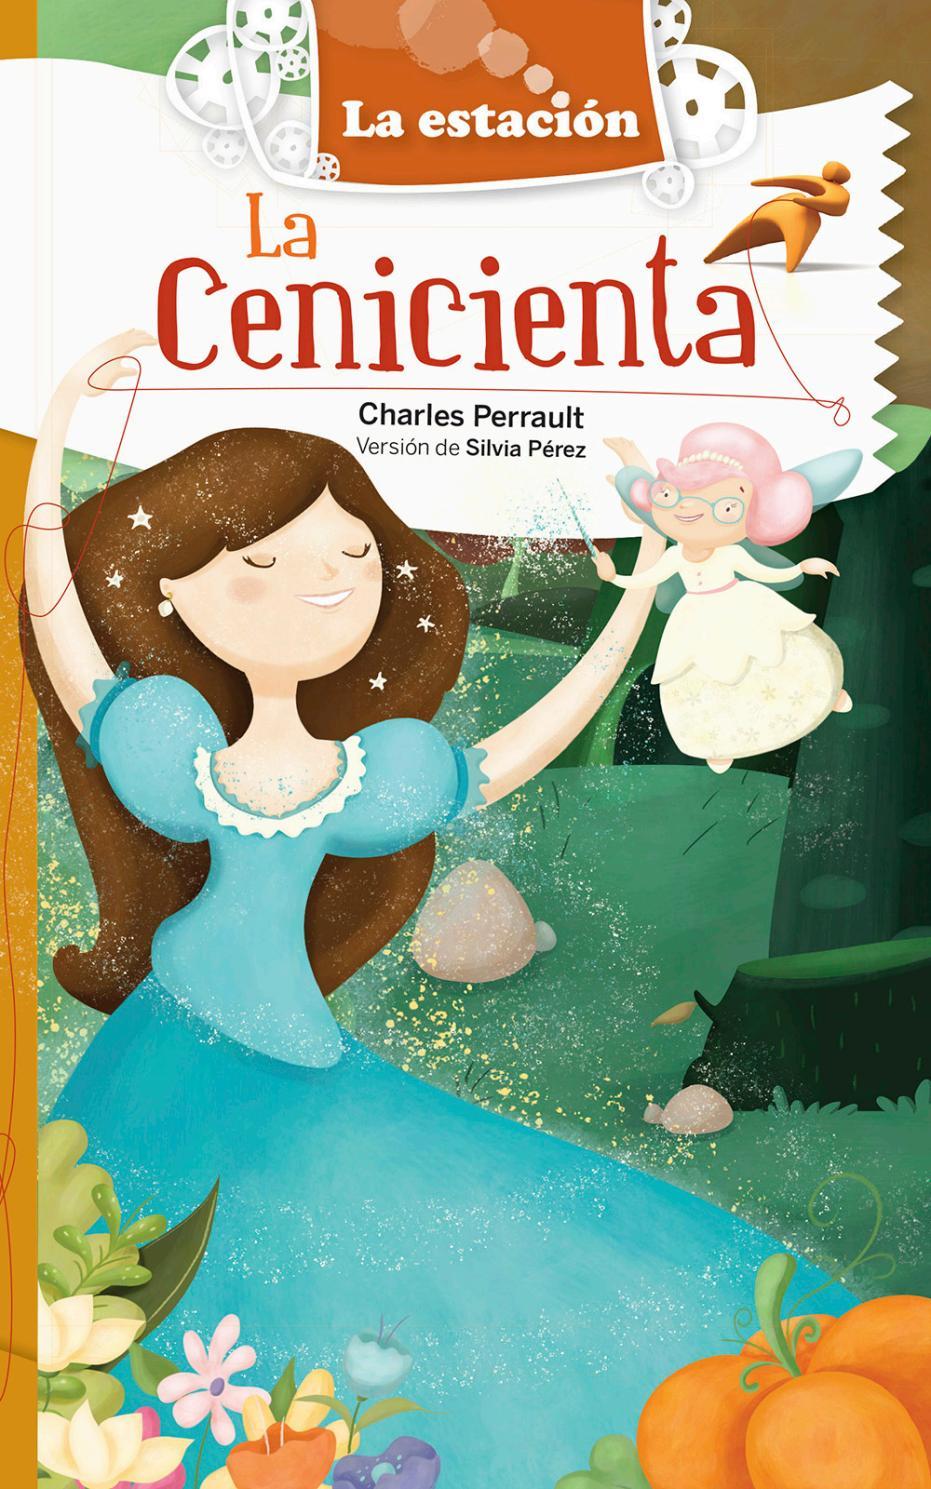 La Cenicienta - ¡Recorré el libro! by Mandioca - Issuu